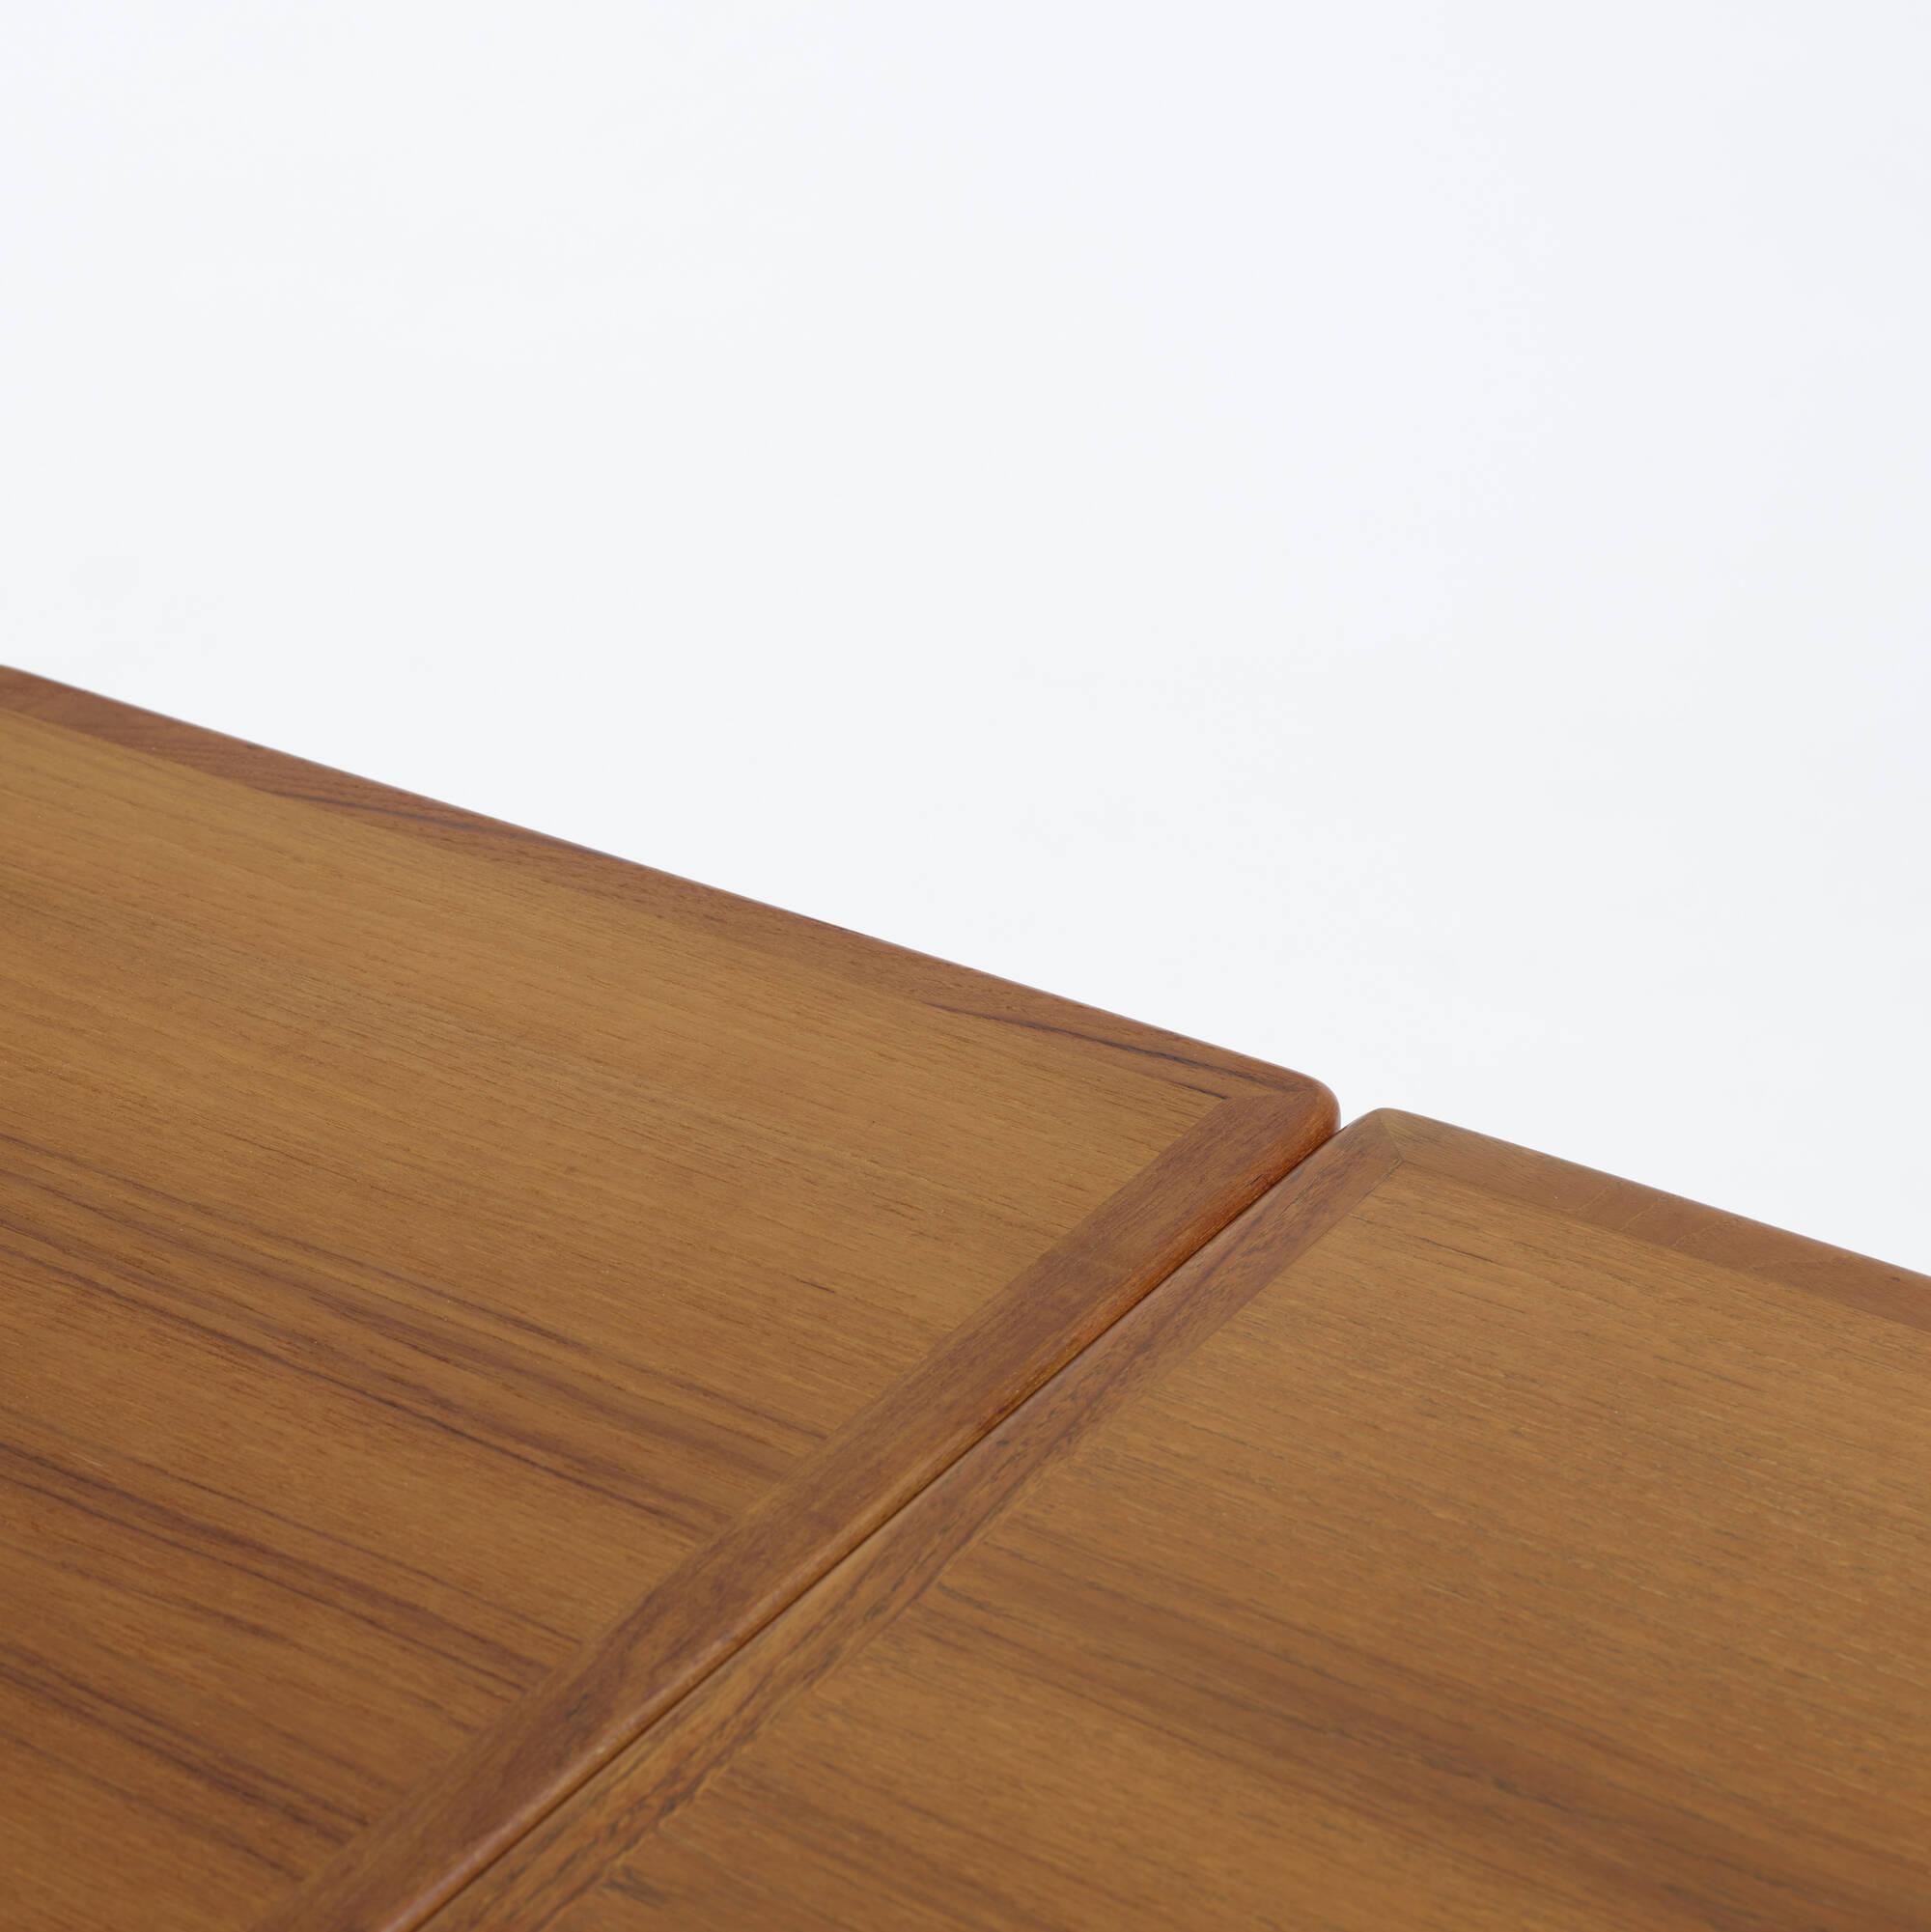 154: Hans J. Wegner / dining table, model AT312 (3 of 3)